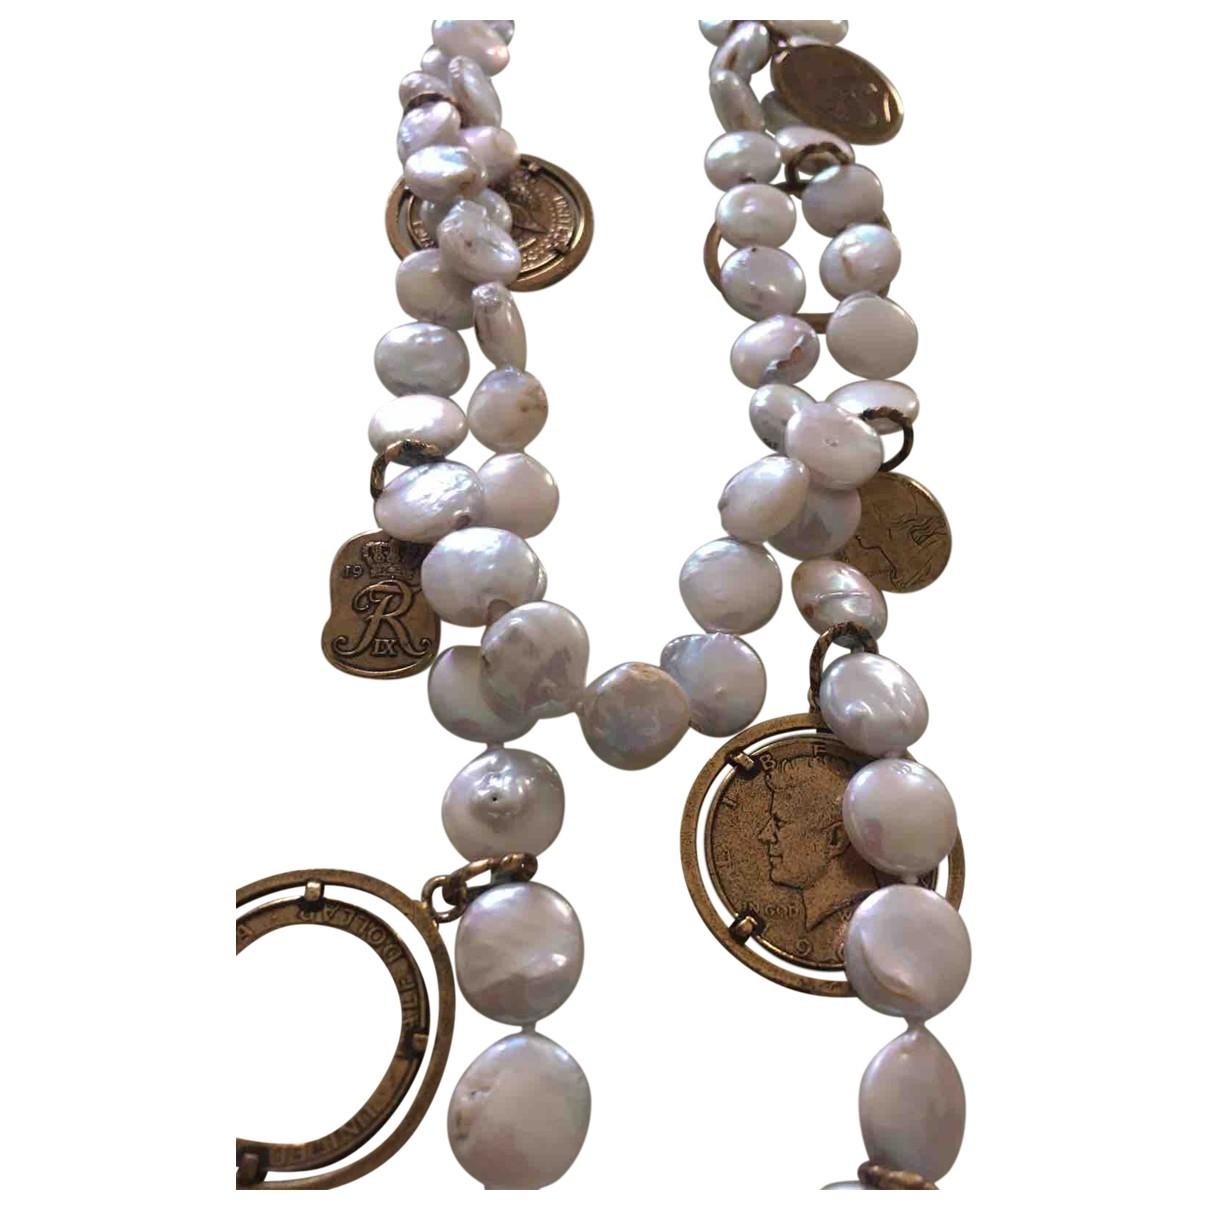 - Sautoir Medailles pour femme en perles - blanc